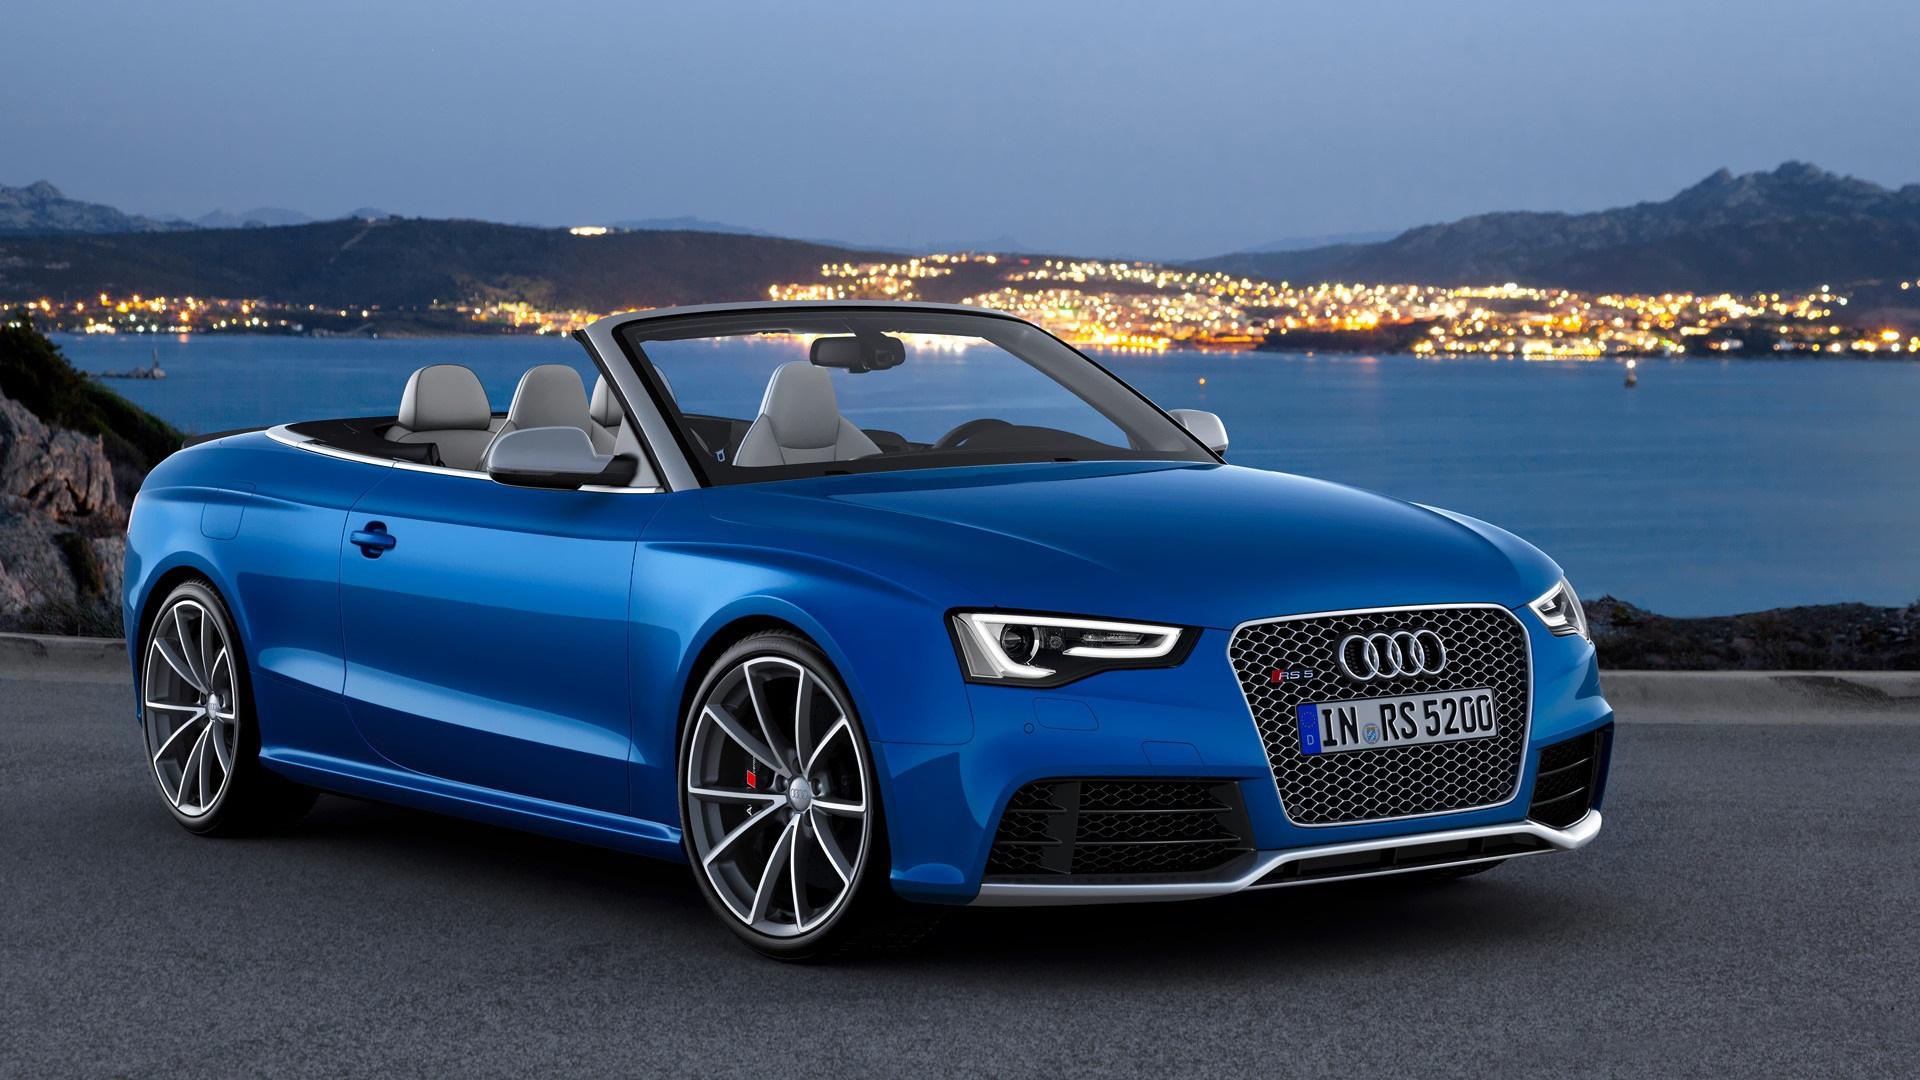 Lovely 2014 Audi New Car